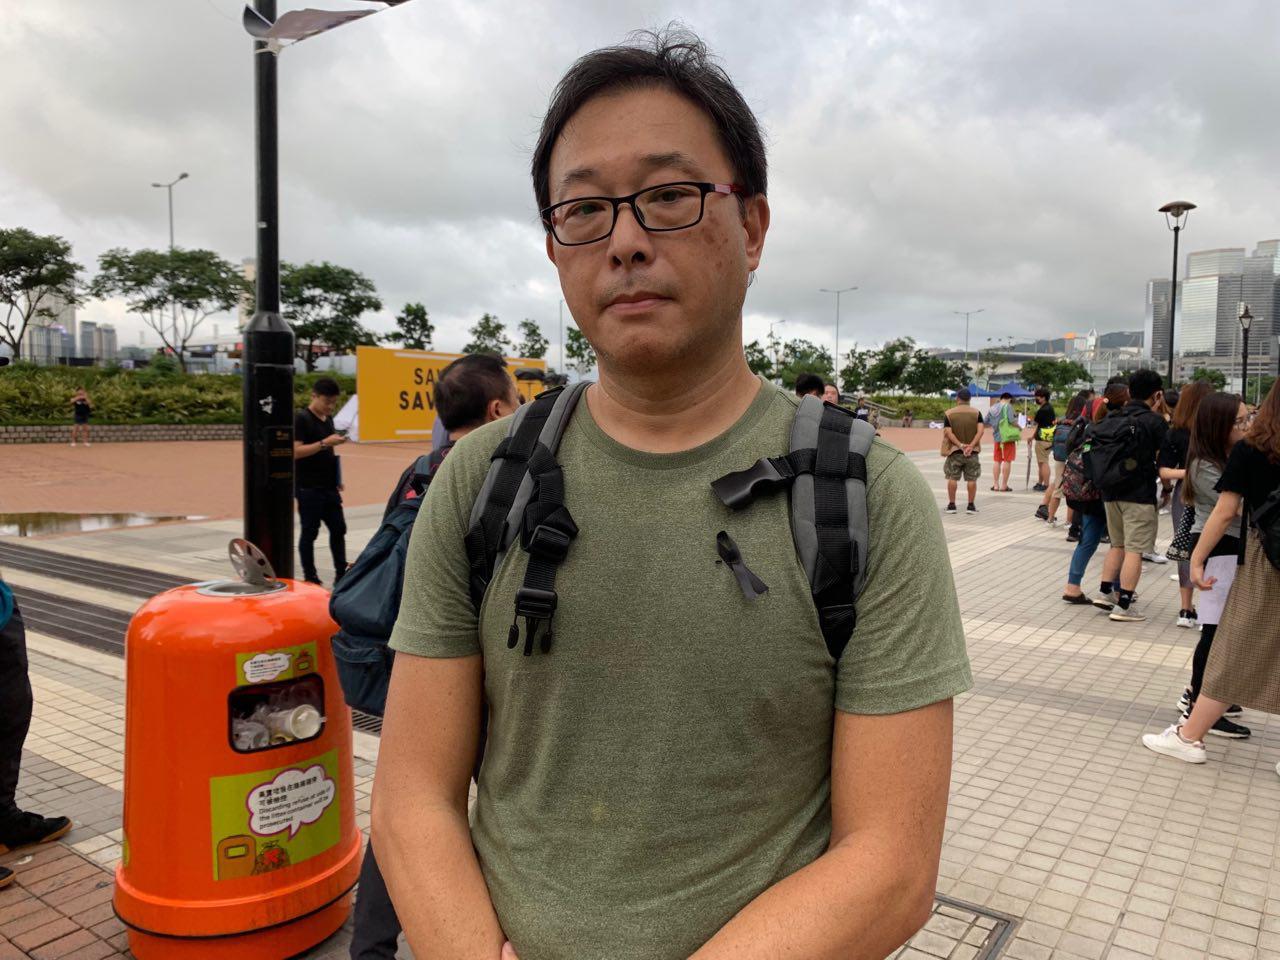 8月2日愛丁堡廣場醫護界集會聲援反送中。退休的醫護界人士陳生(化名)表示,我們其實應該給一個好的香港他們的,而不是為他們決定日後的香港。(駱亞/ 大紀元)